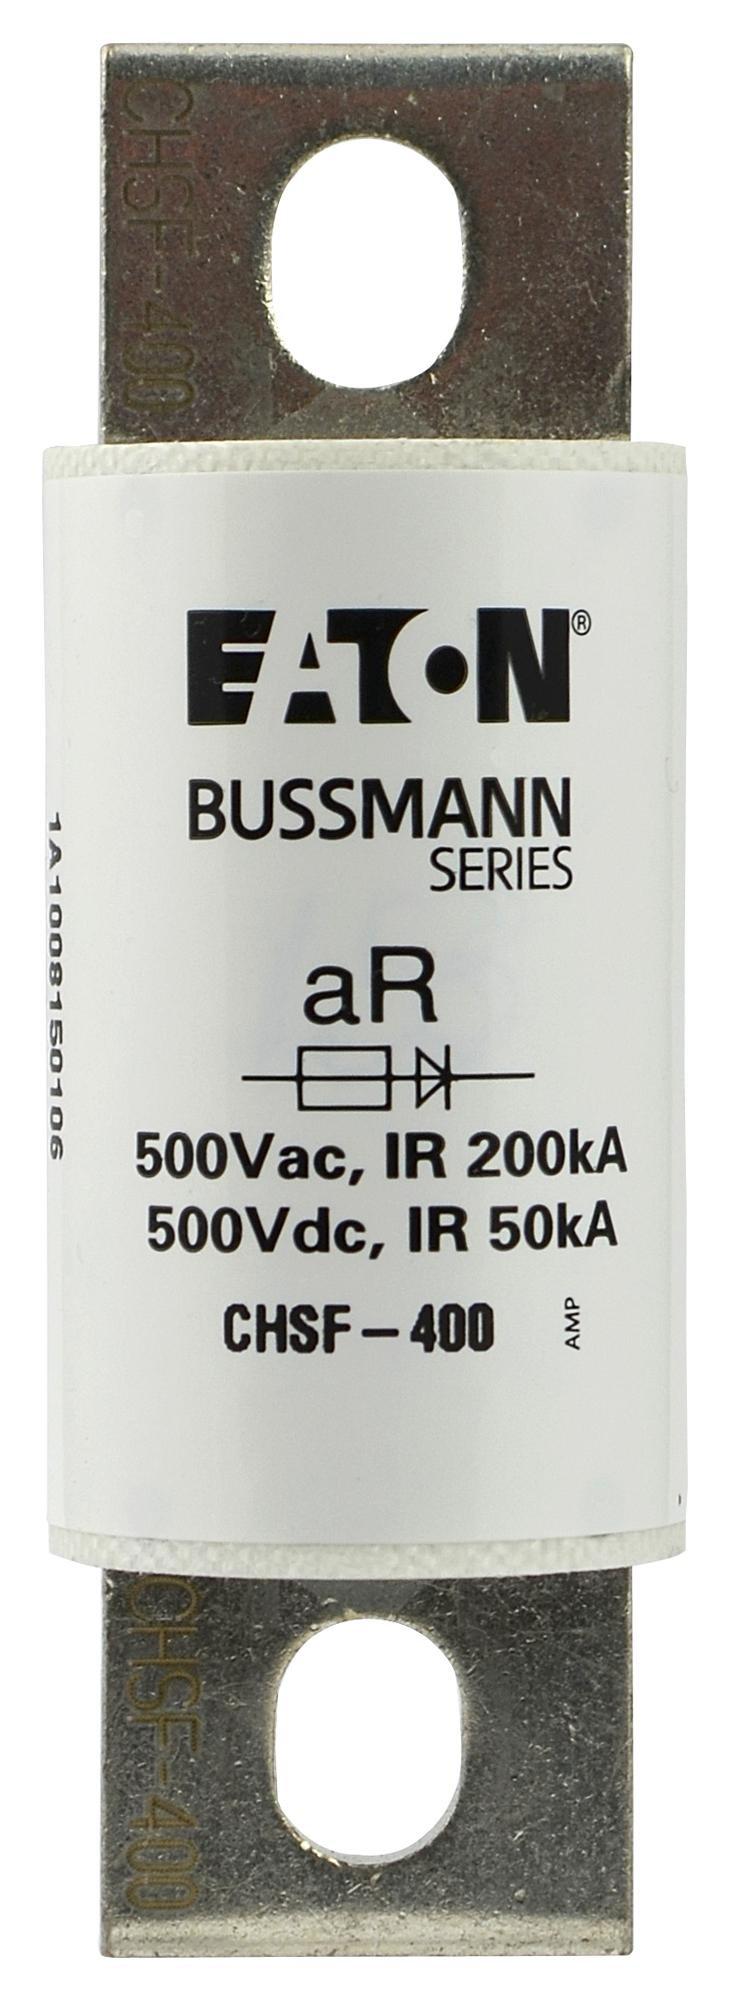 EATON BUSSMANN SERIES CHSF-400 Fuse, Semiconductor, CHSF Series, 400 A, 30mm x 92mm, 1.18 inch x 3.62 inch, 500 VDC